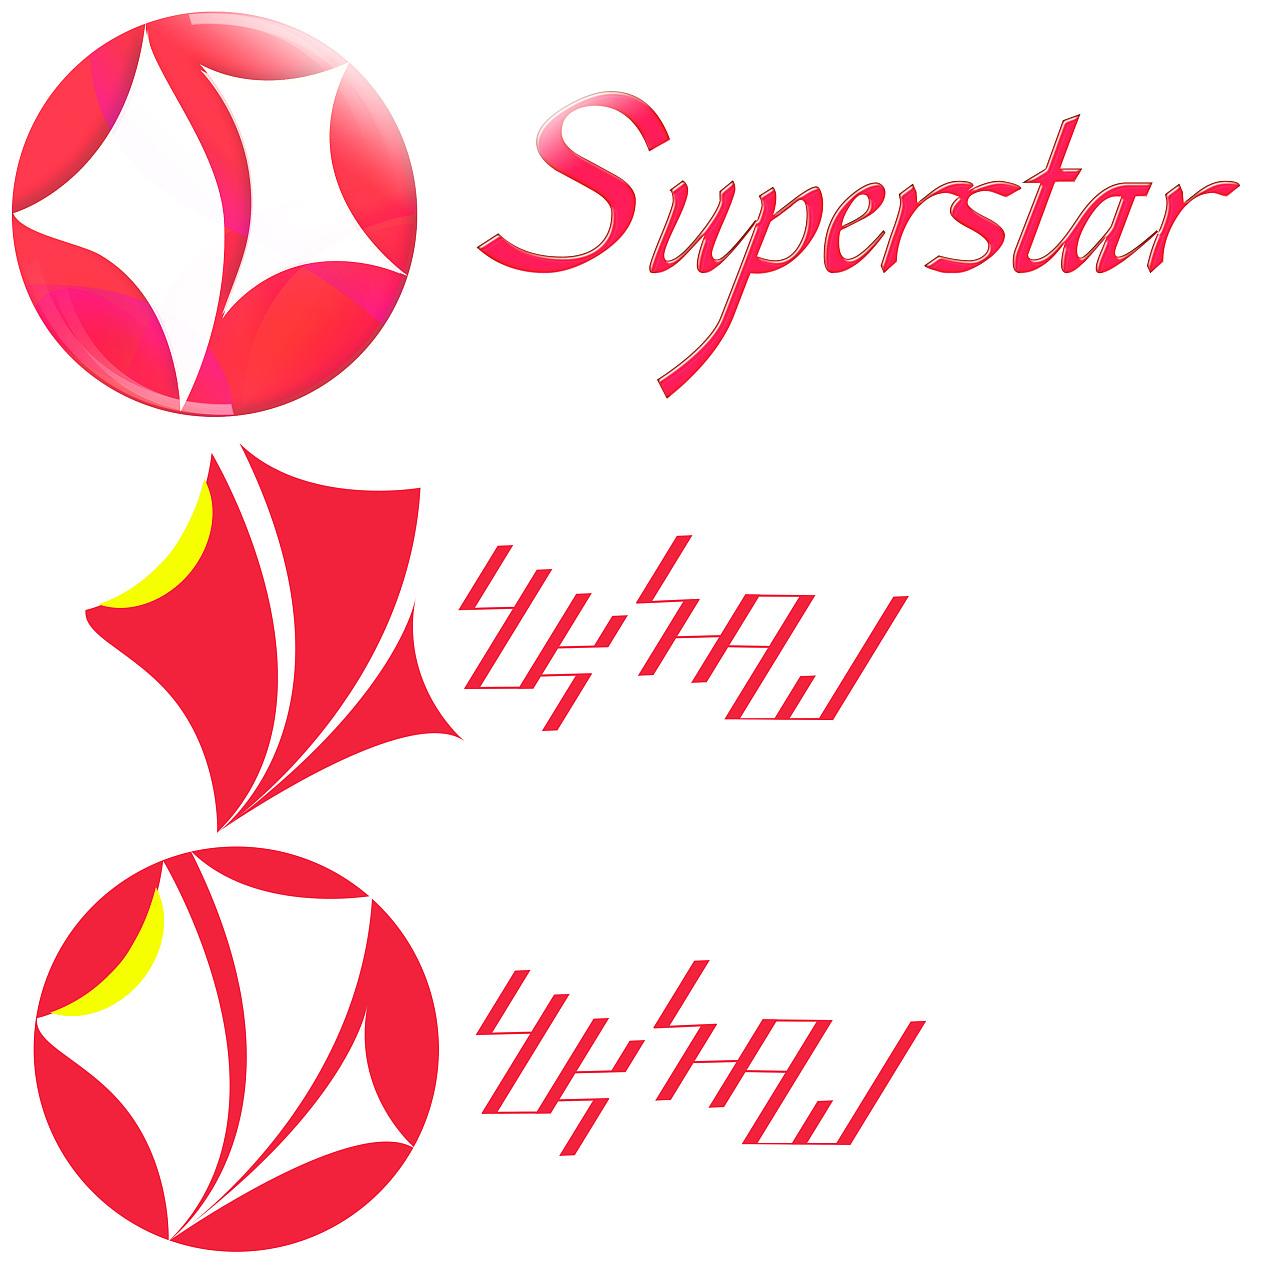 自己做的logo